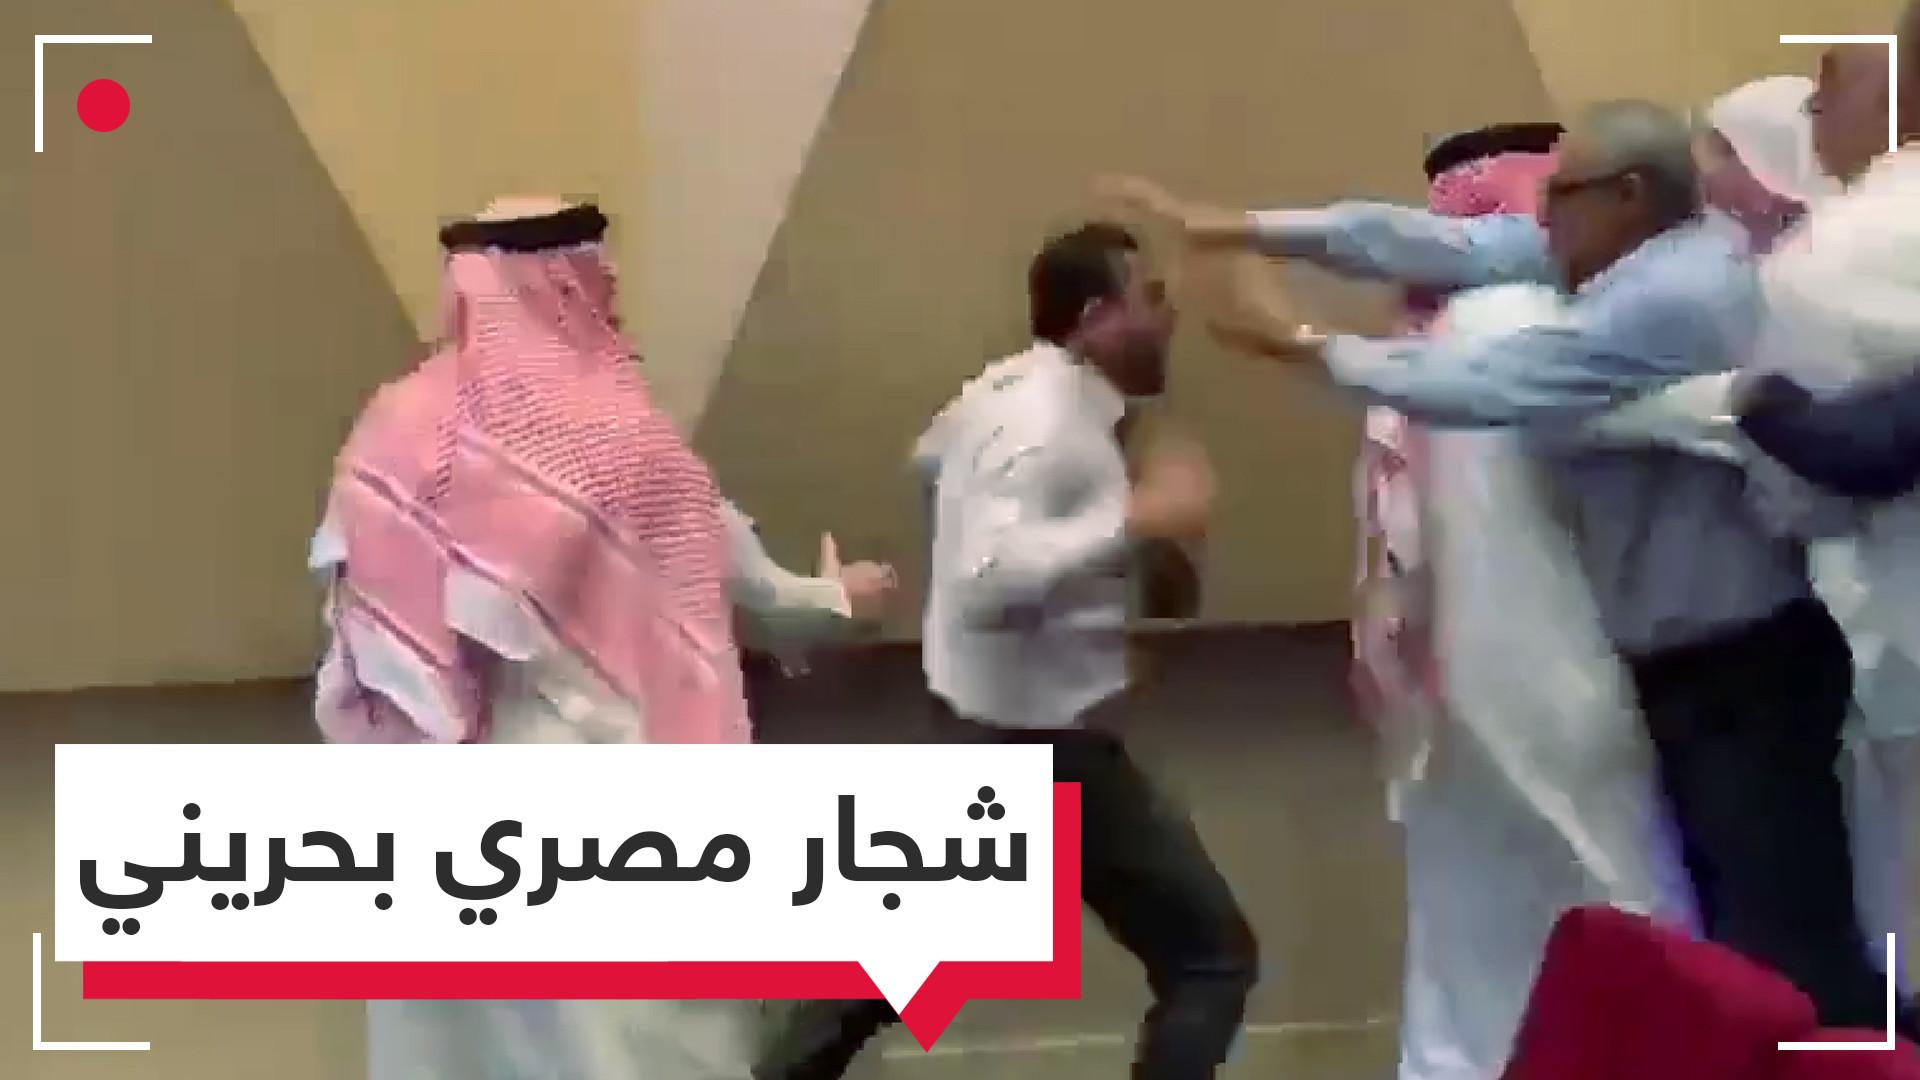 سباب وعراك.. مستشار مصري يثير أزمة في البحرين